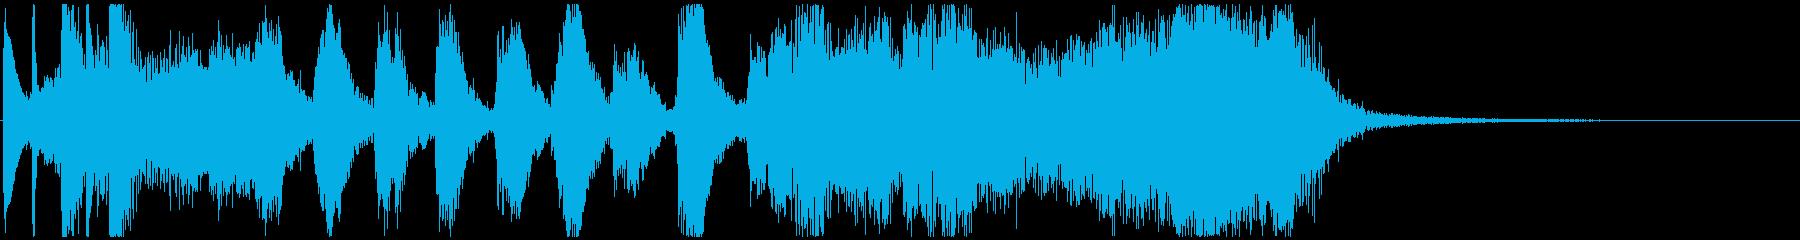 CM コメディードラマ1 オープニングの再生済みの波形